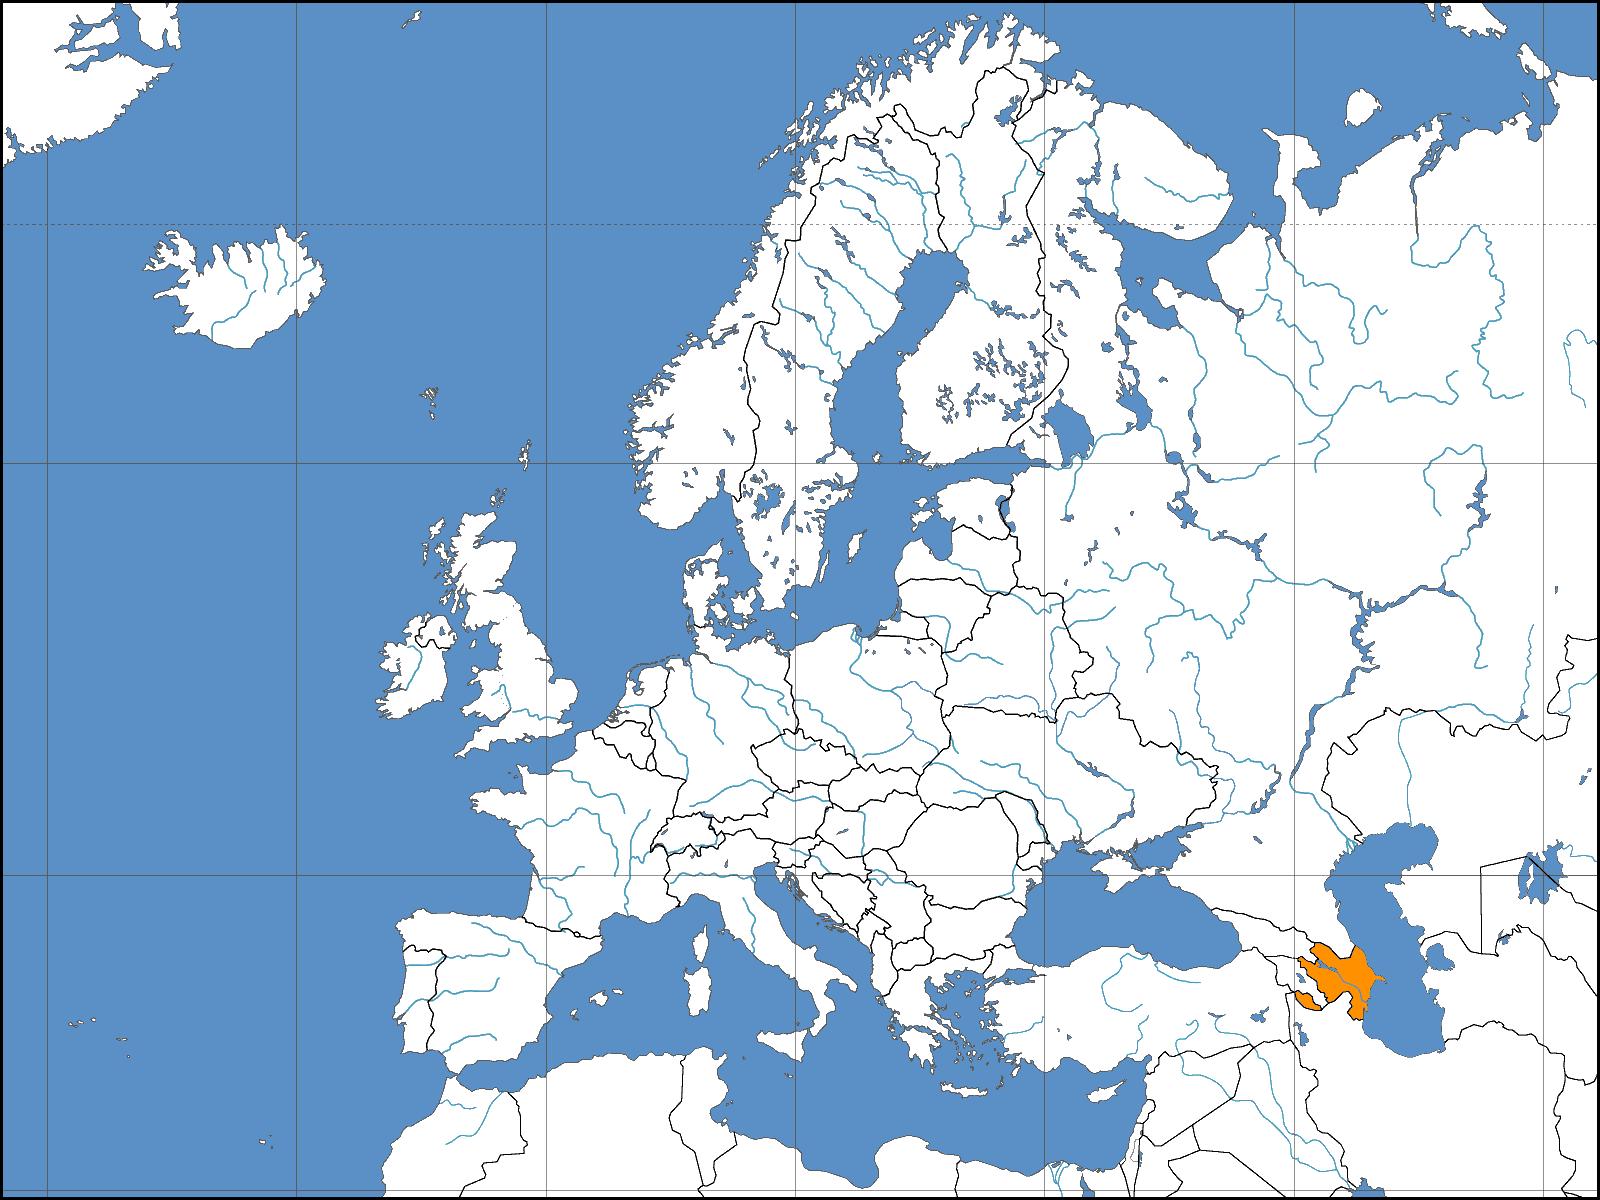 karta europa azerbaijan Atlas of Azerbaijan   Wikimedia Commons karta europa azerbaijan